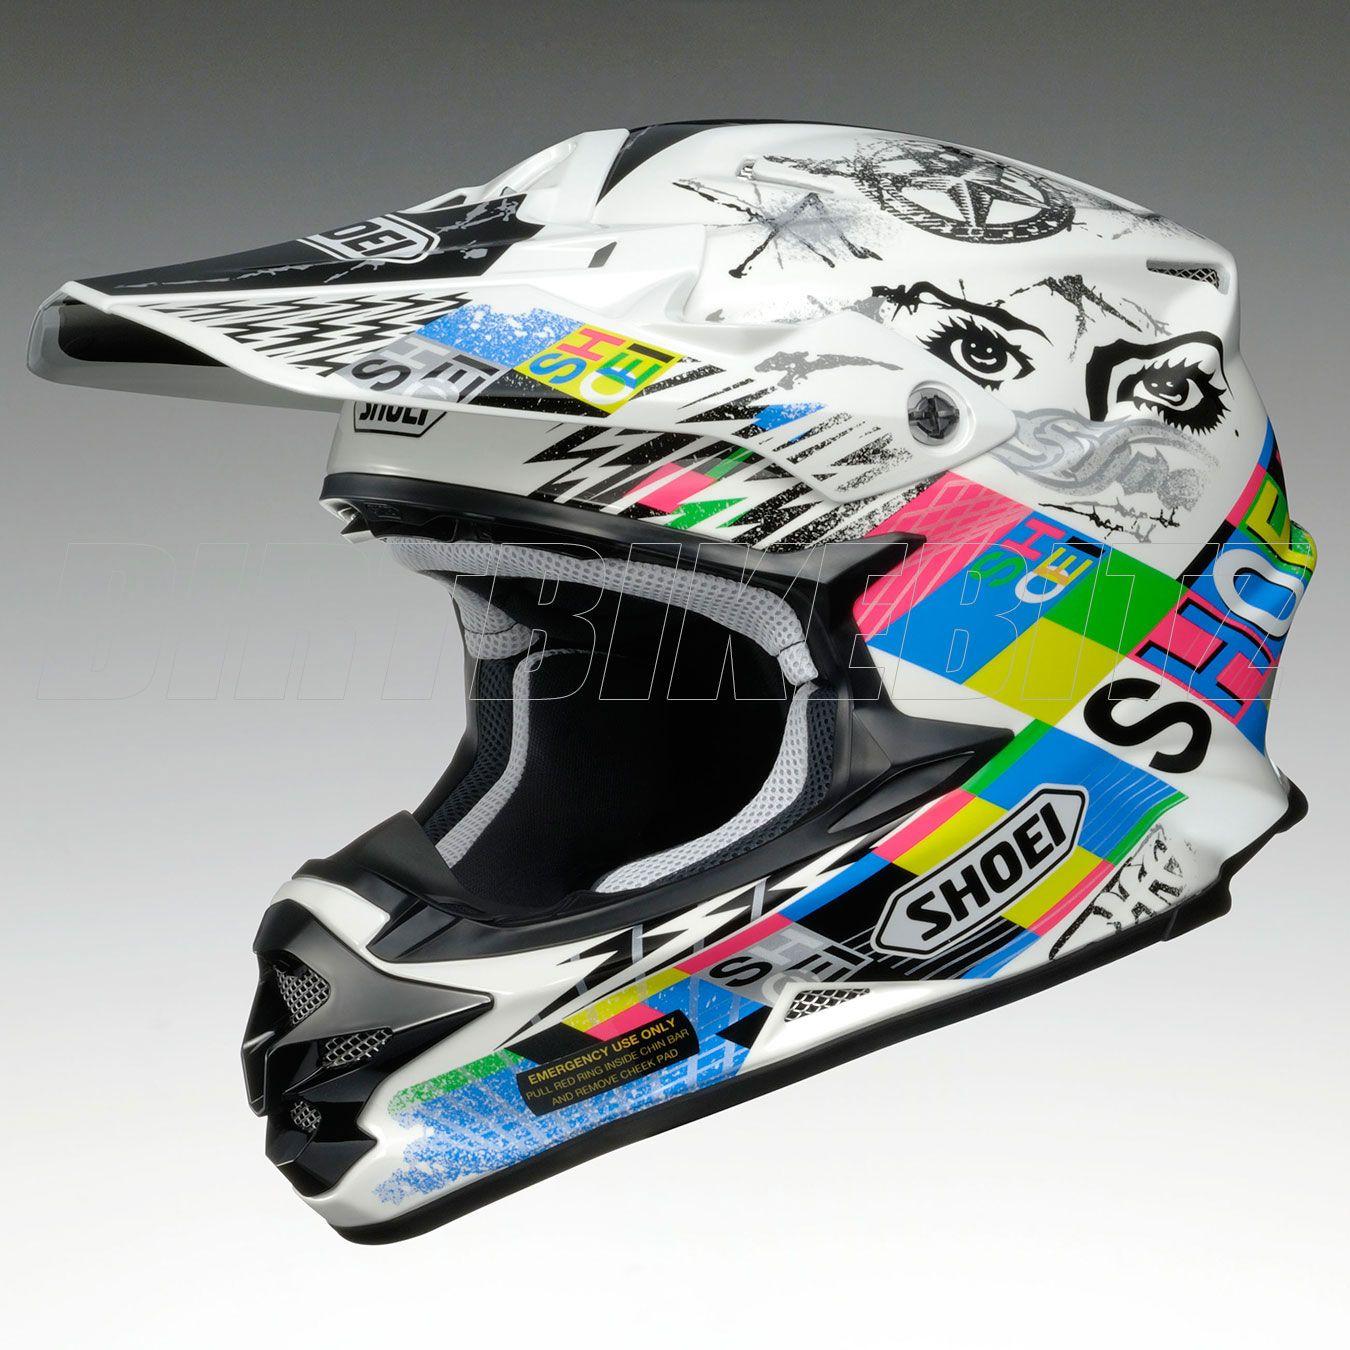 2013 Shoei Vfxw Motocross Helmet Krack Tc10 White Multi